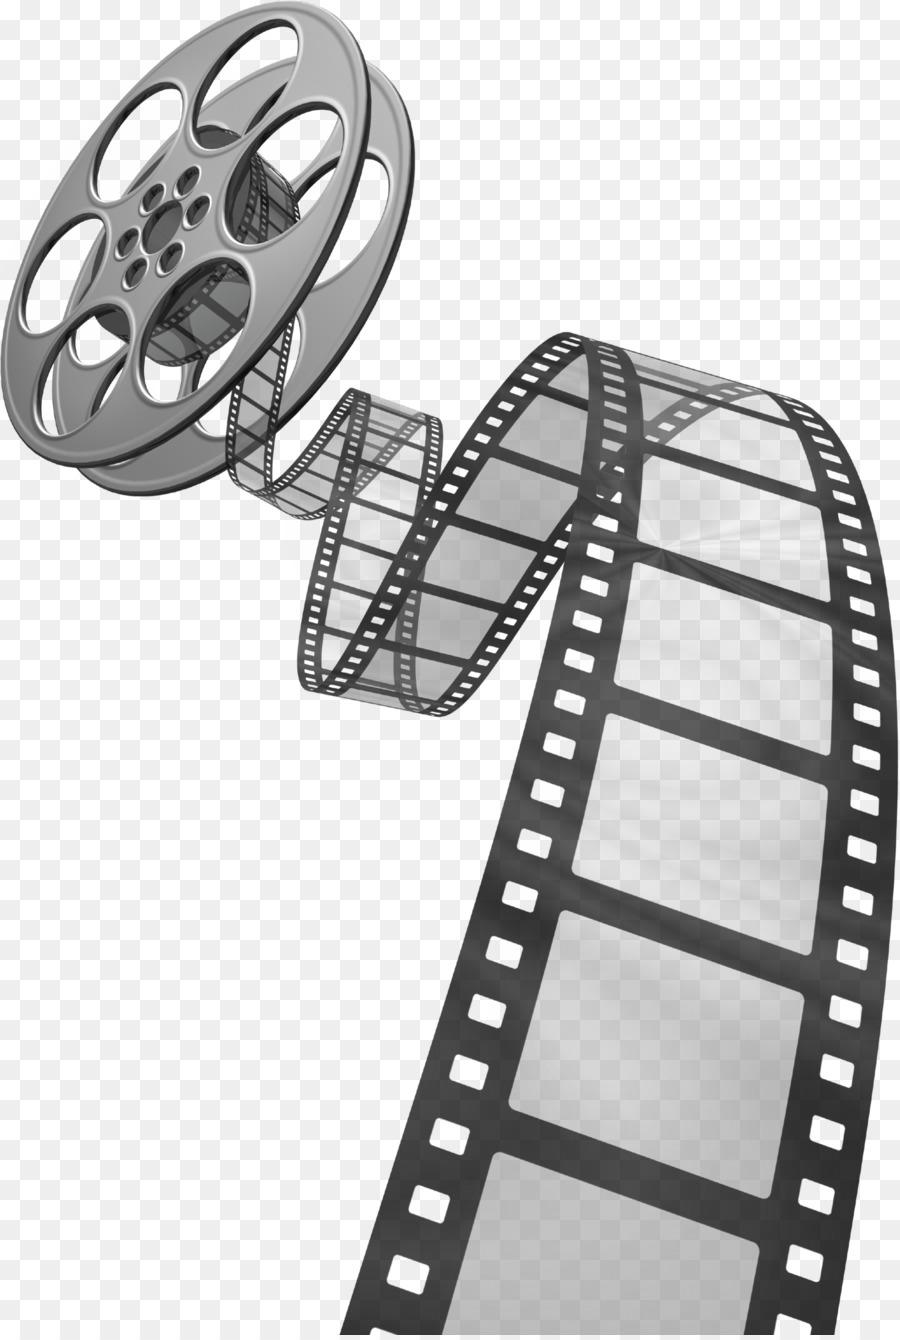 Photographic Film Reel Clip Art Movie Film Png Download 1600 2373 Free Transparent Photographic Film P Rolos De Filmes Filme Fotografico Camera De Cinema